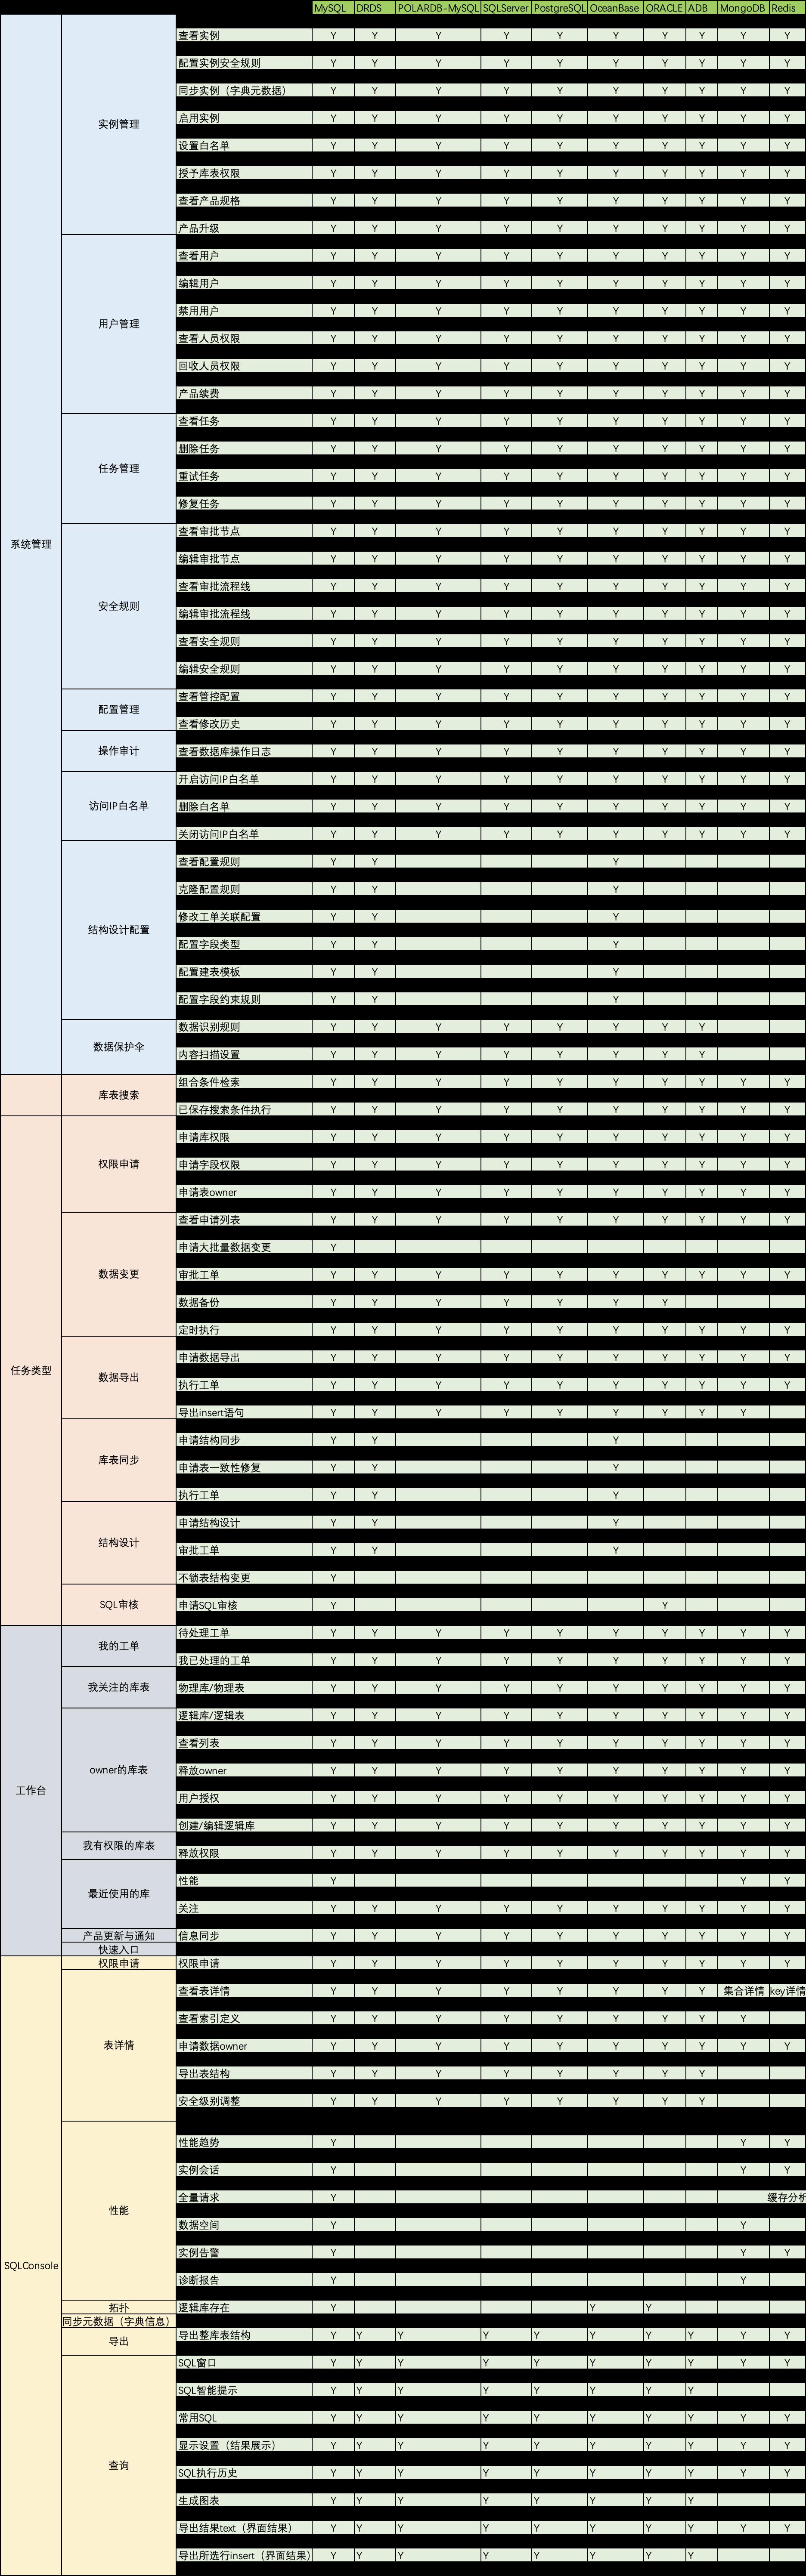 功能-矩阵图